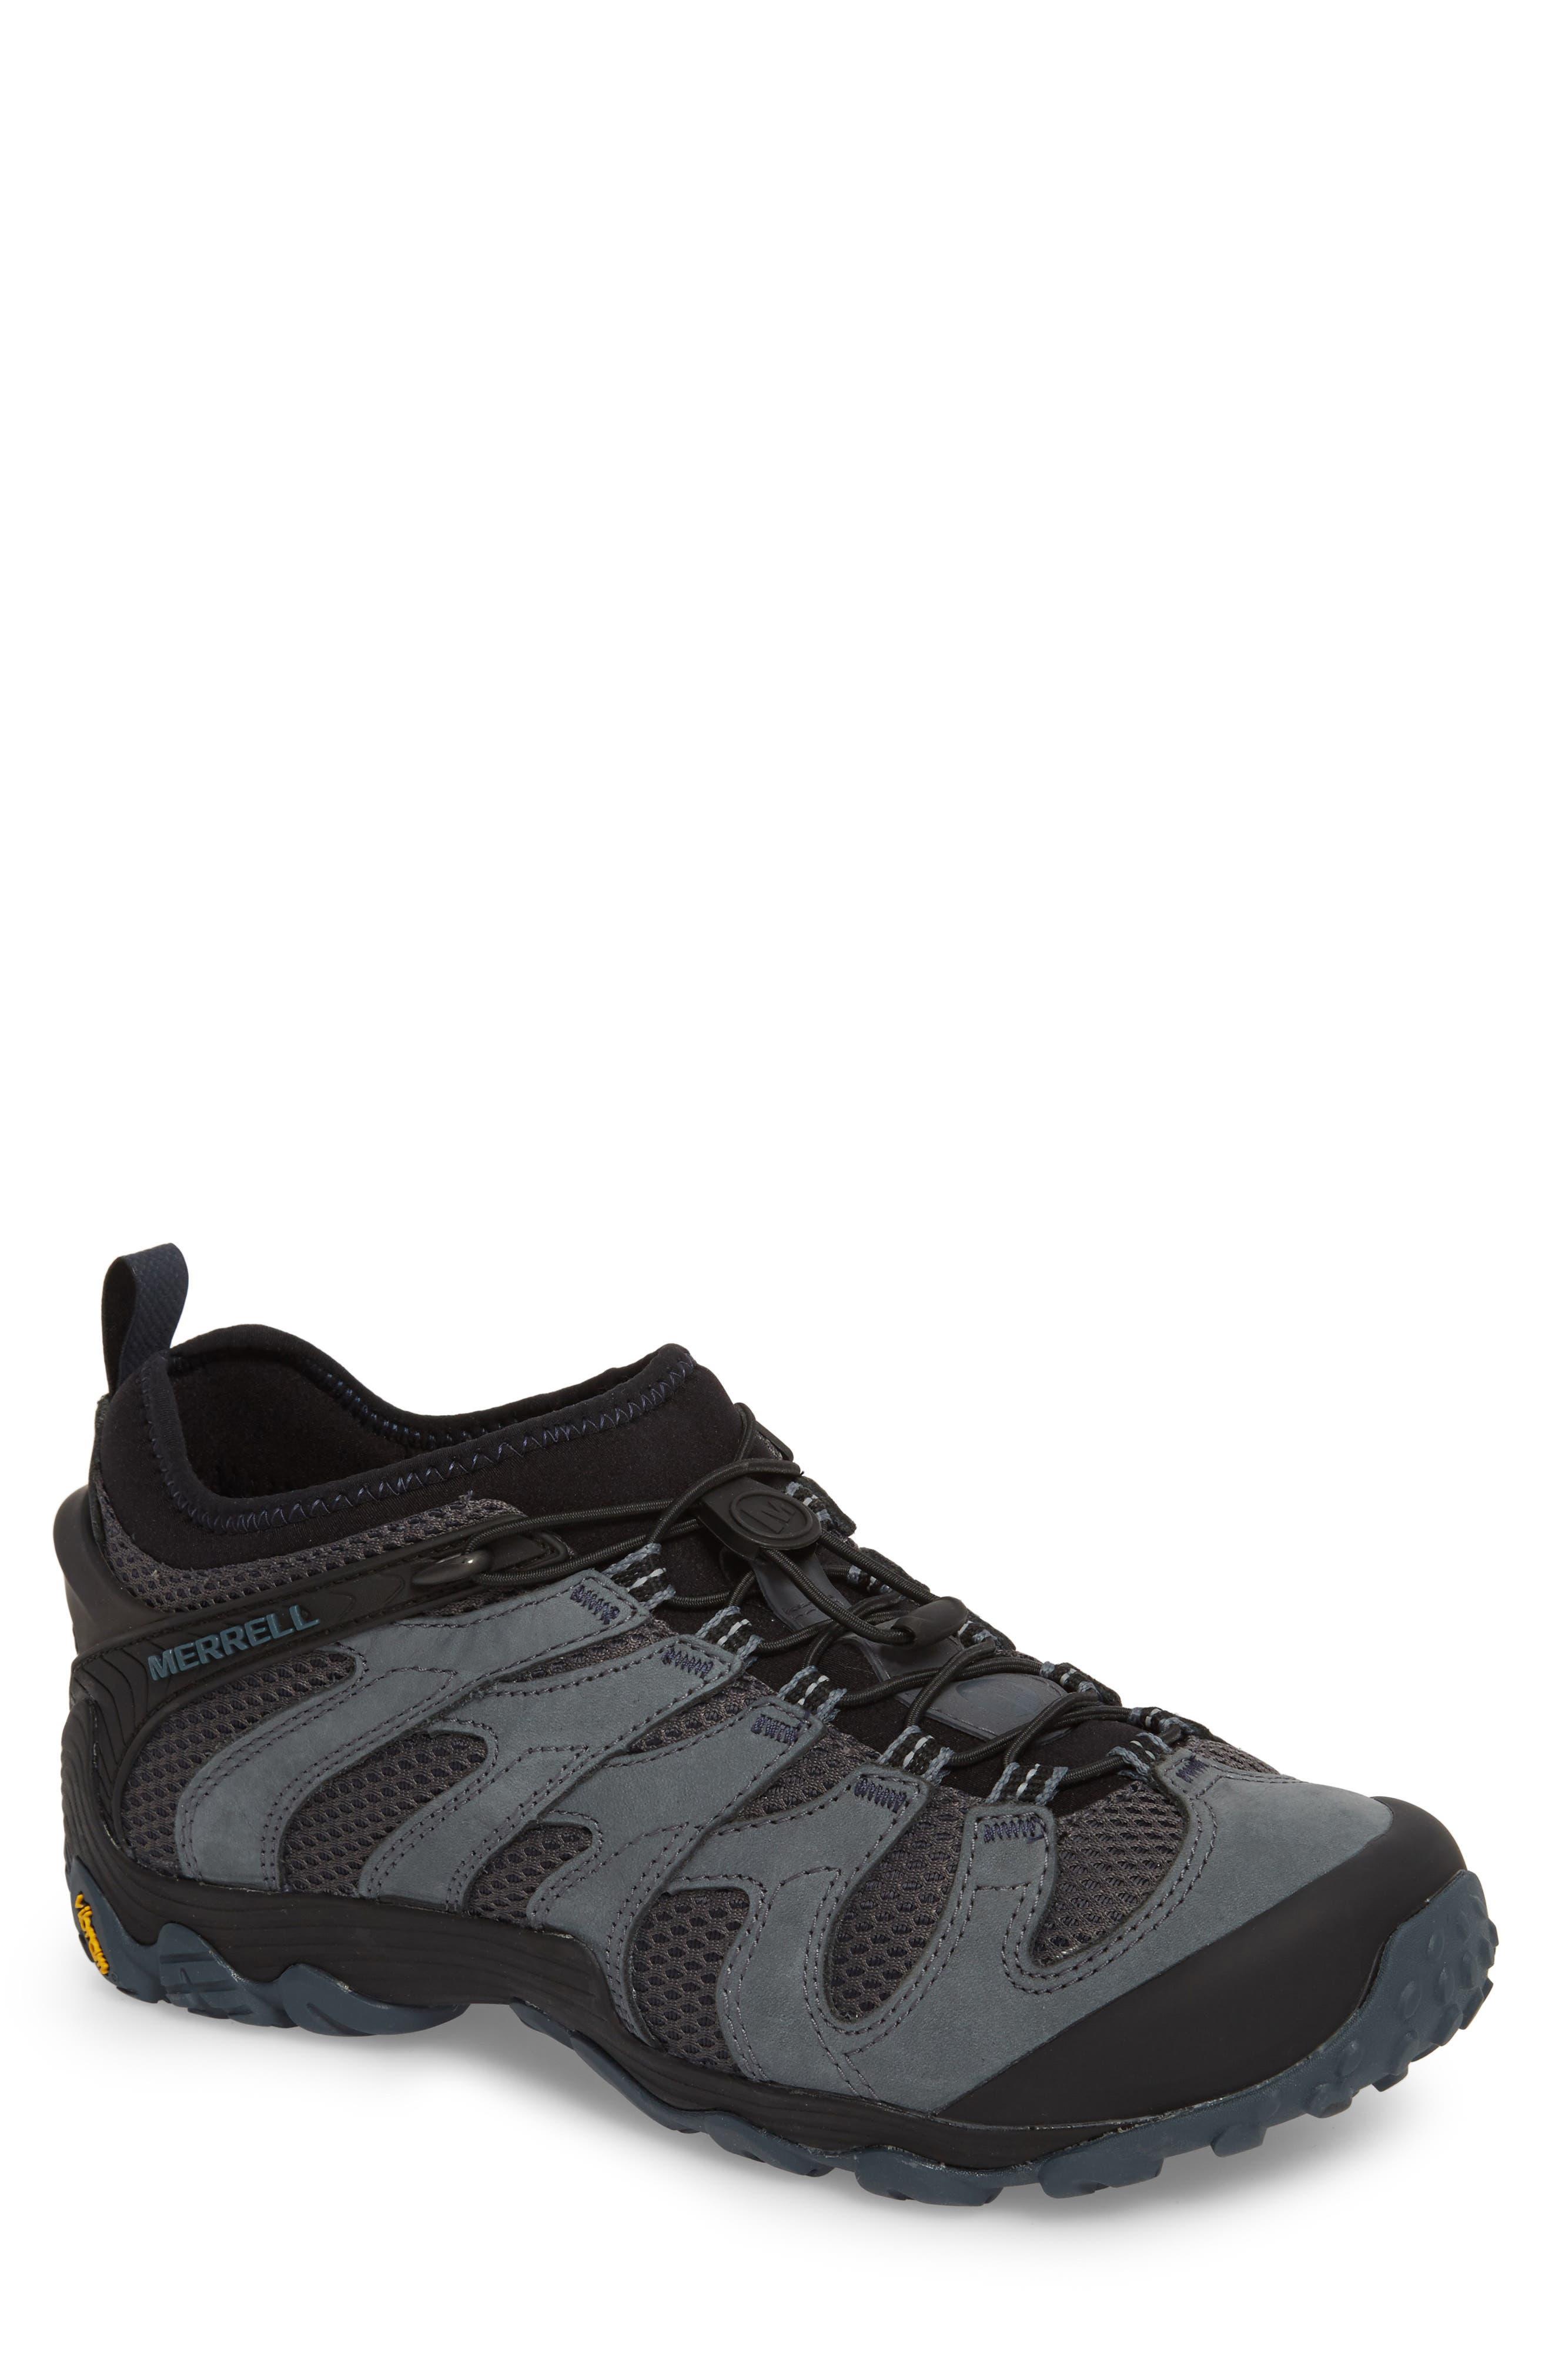 Merrell Chameleon 7 Stretch Hiking Shoe (Men)